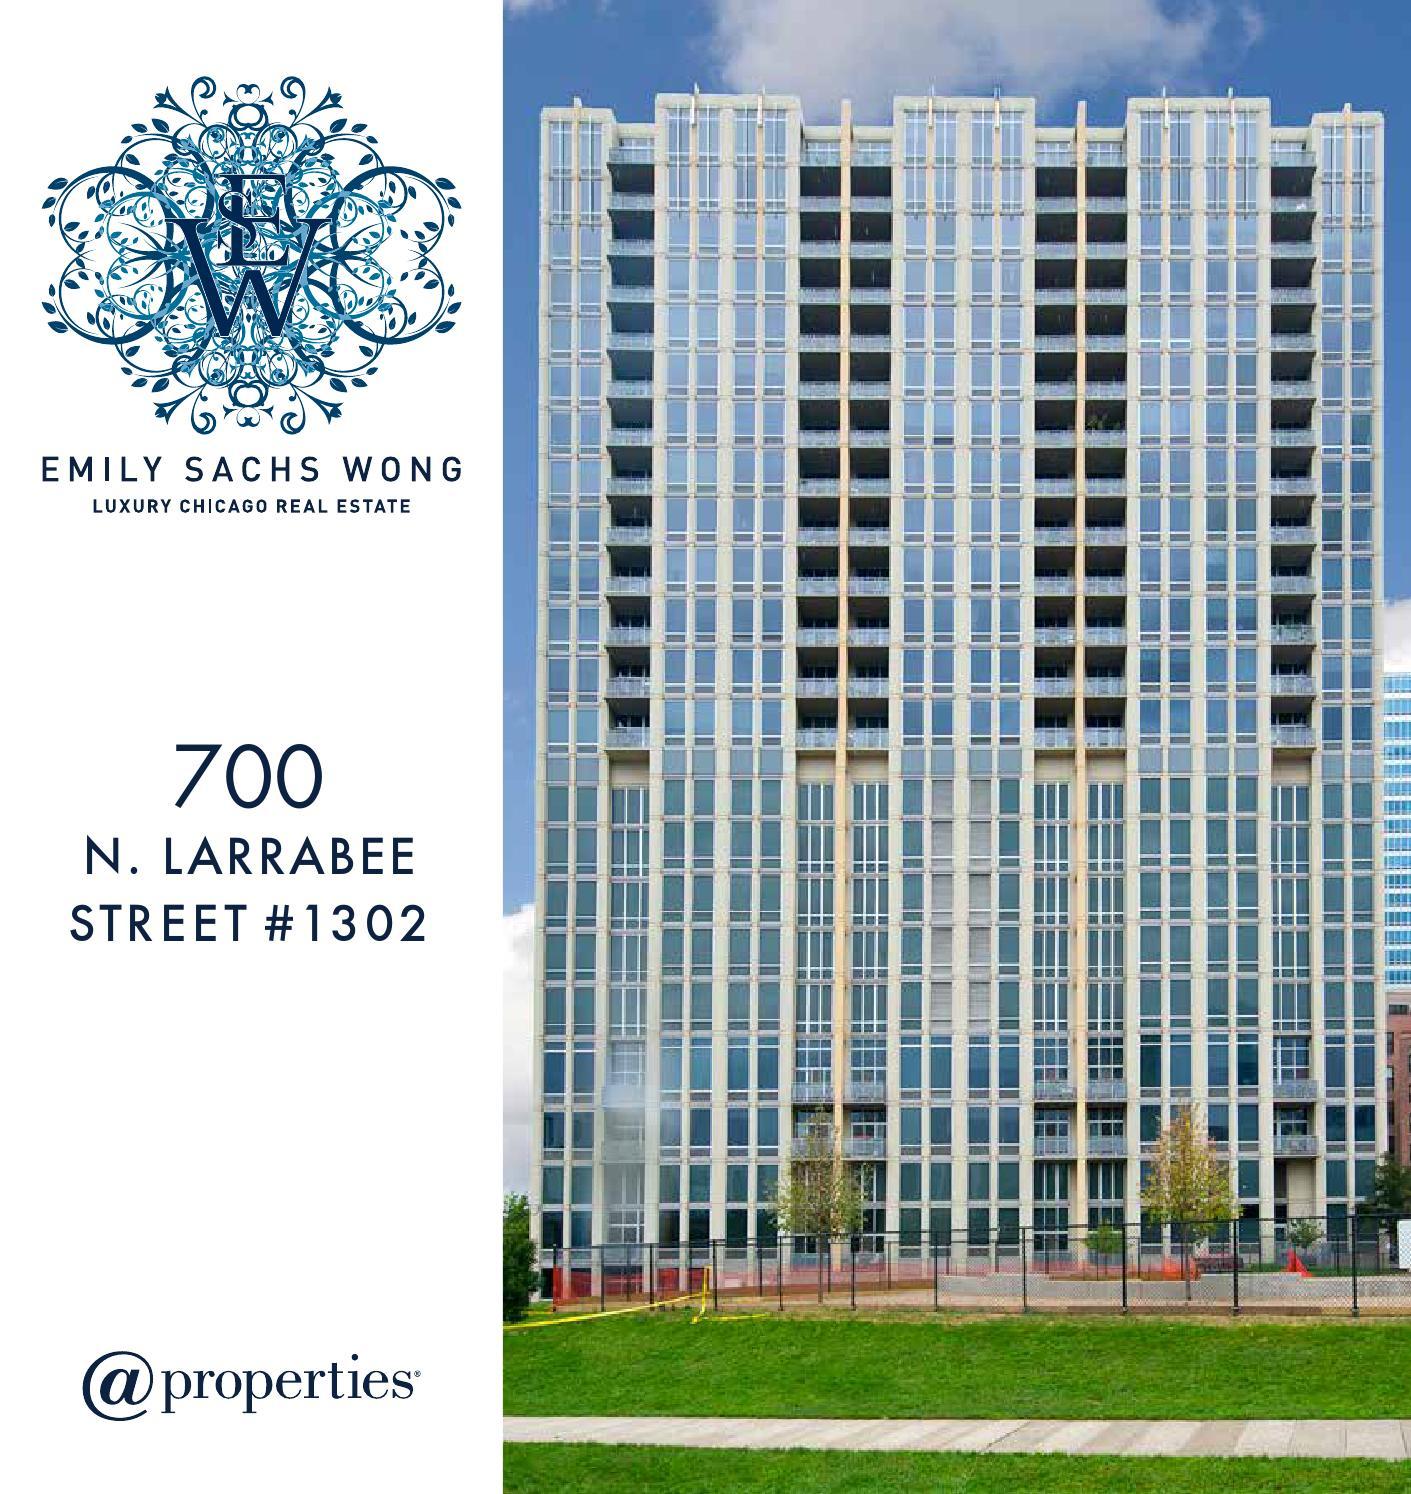 700 N Larrabee St 1302 Marketing Brochure By Properties